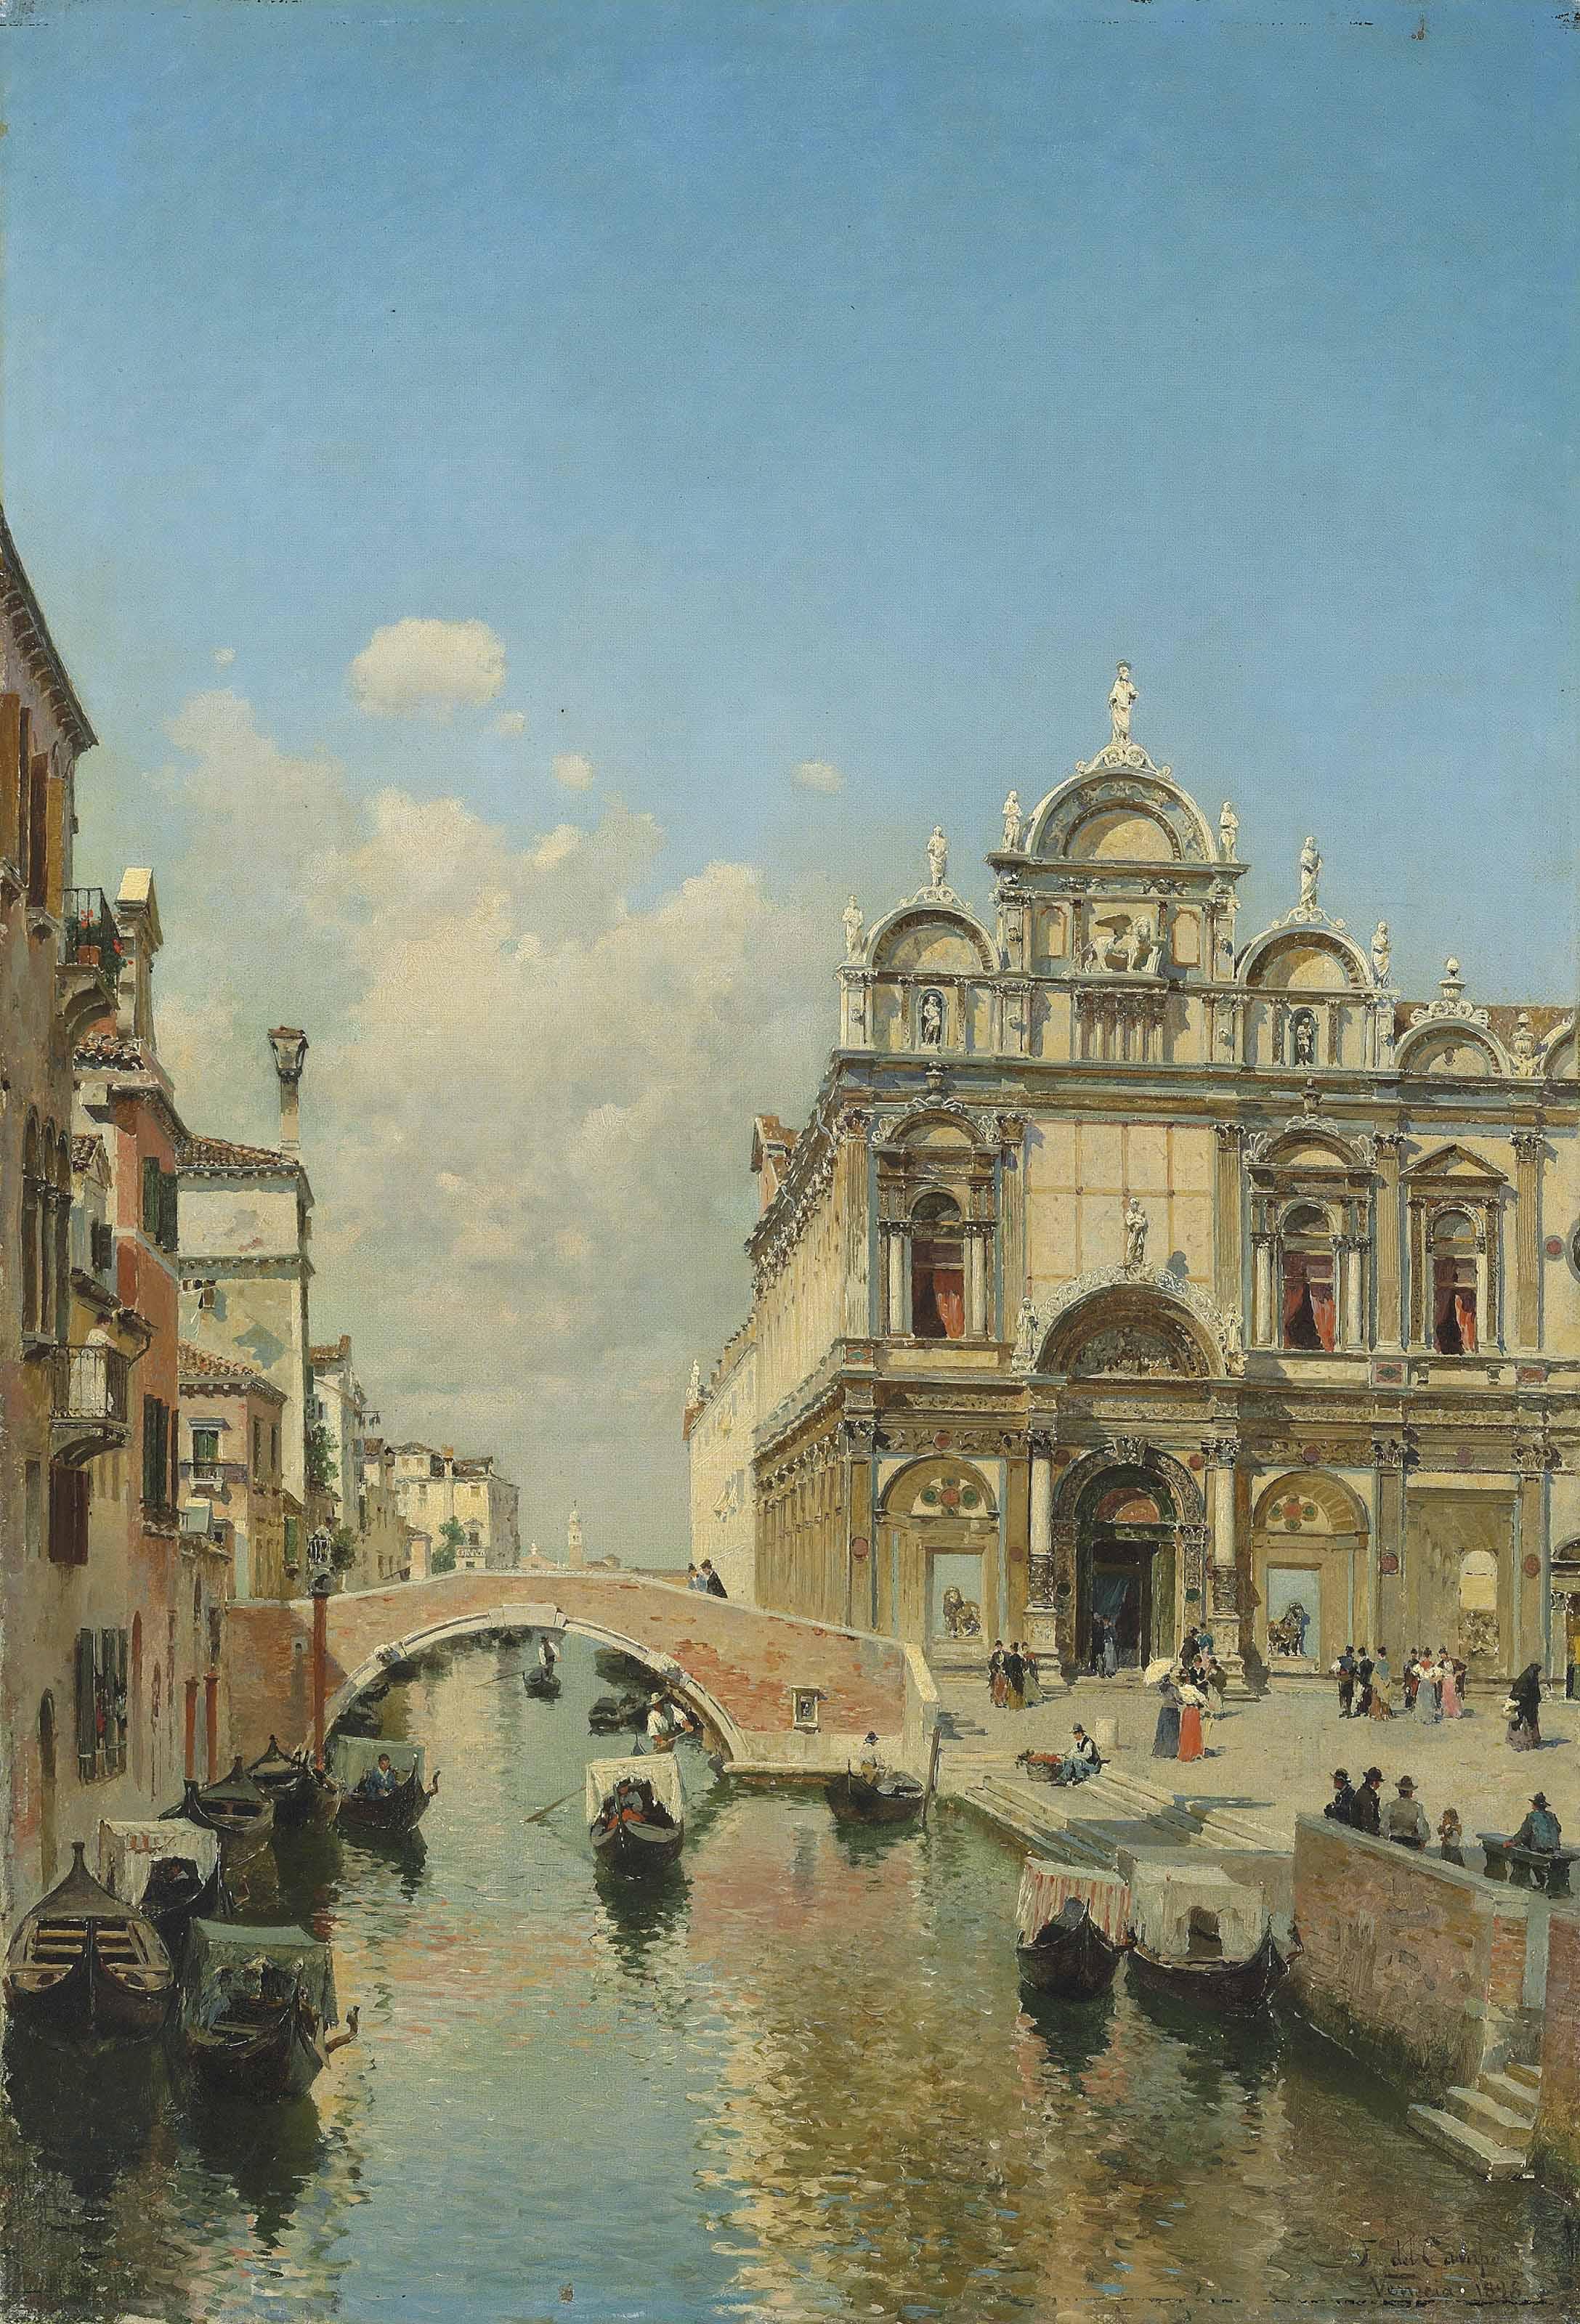 The Ospedale Civile in the Scuola Grande di San Marco and the Basilica of SS. Giovanni e Paolo (San Zanipolo), Venice